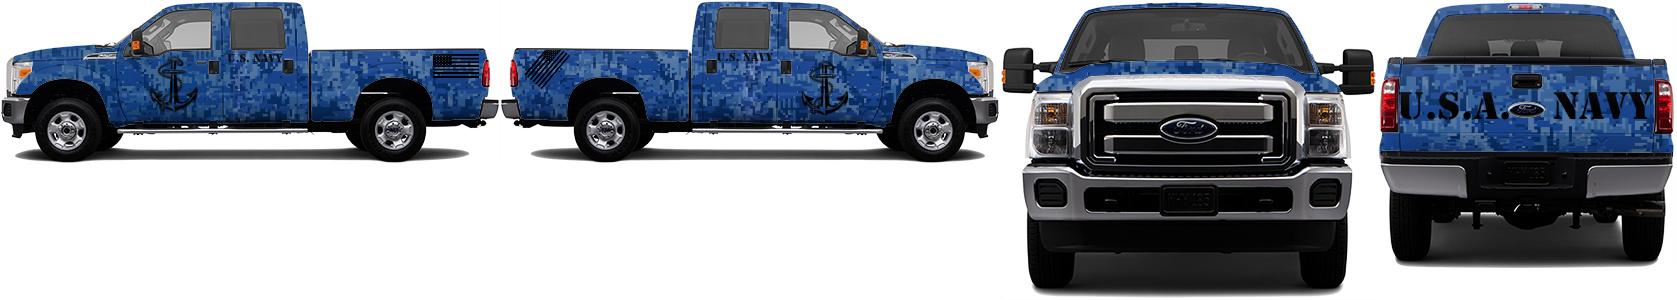 Truck Wrap #48139